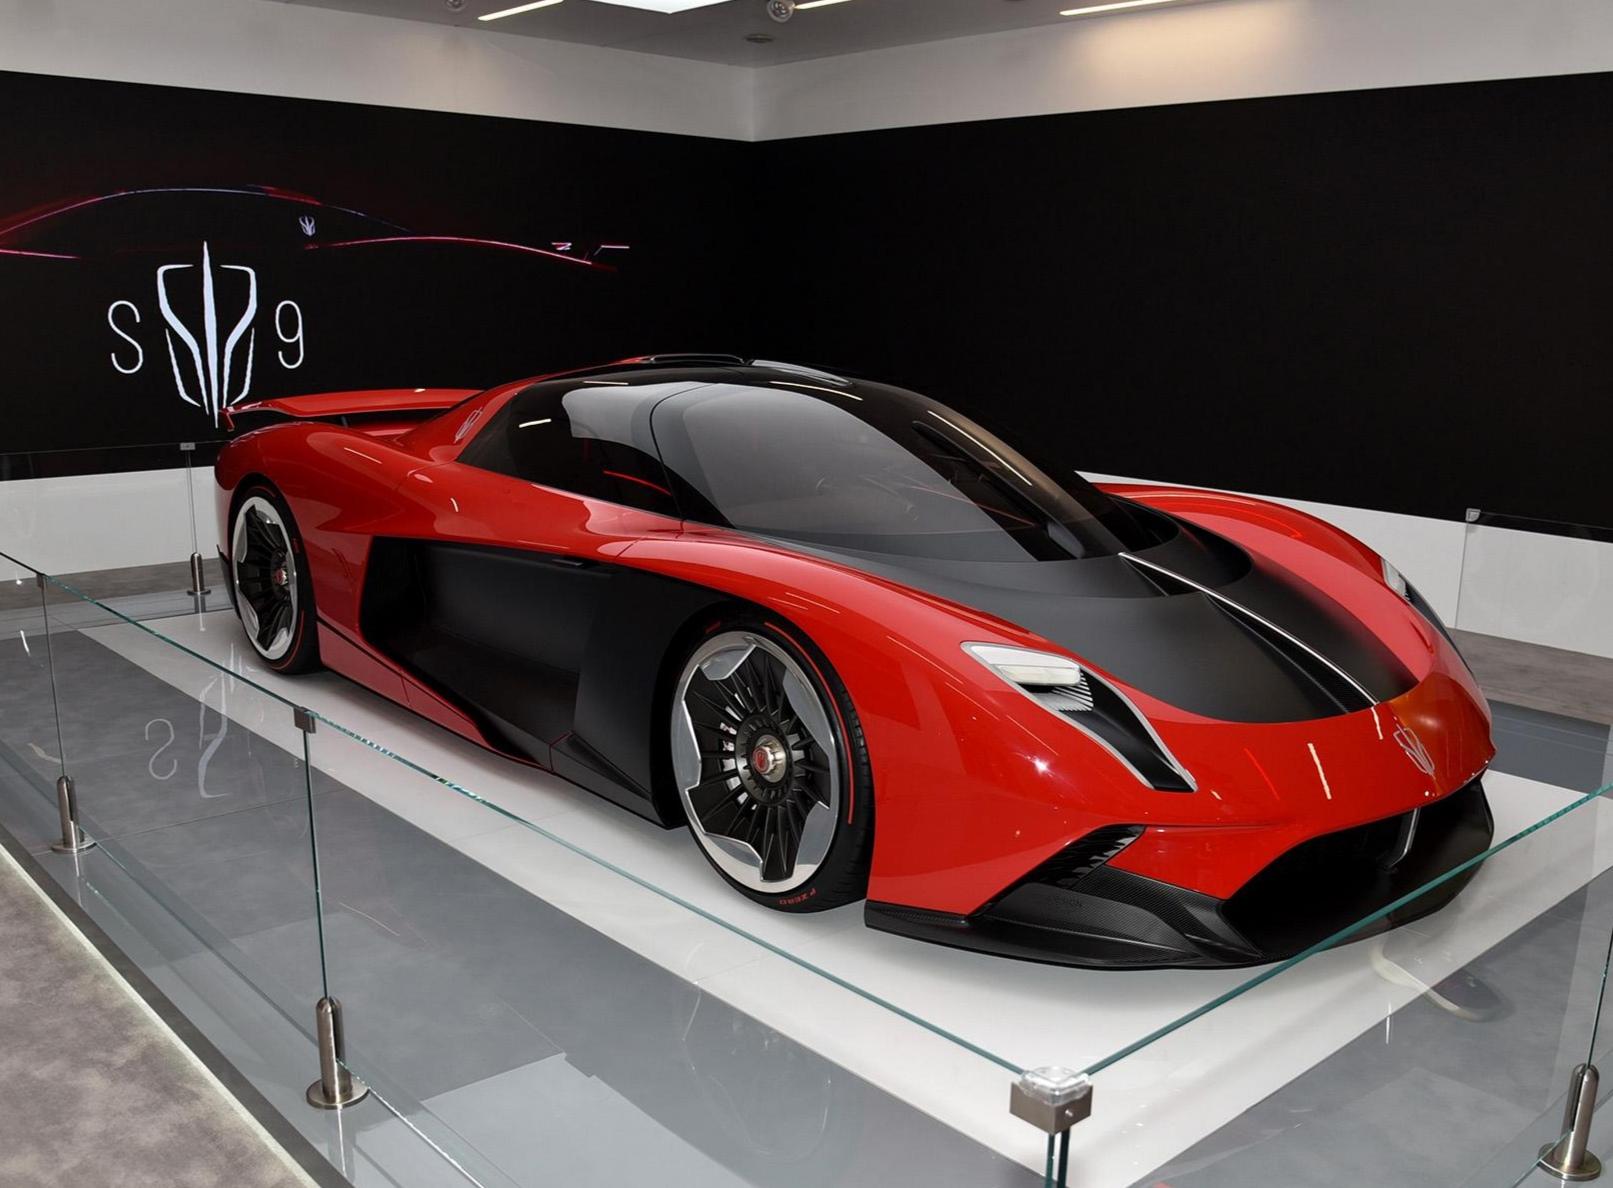 帅气不输法拉利!红旗S9轿跑来袭,搭载4.0T八缸引擎真给力!